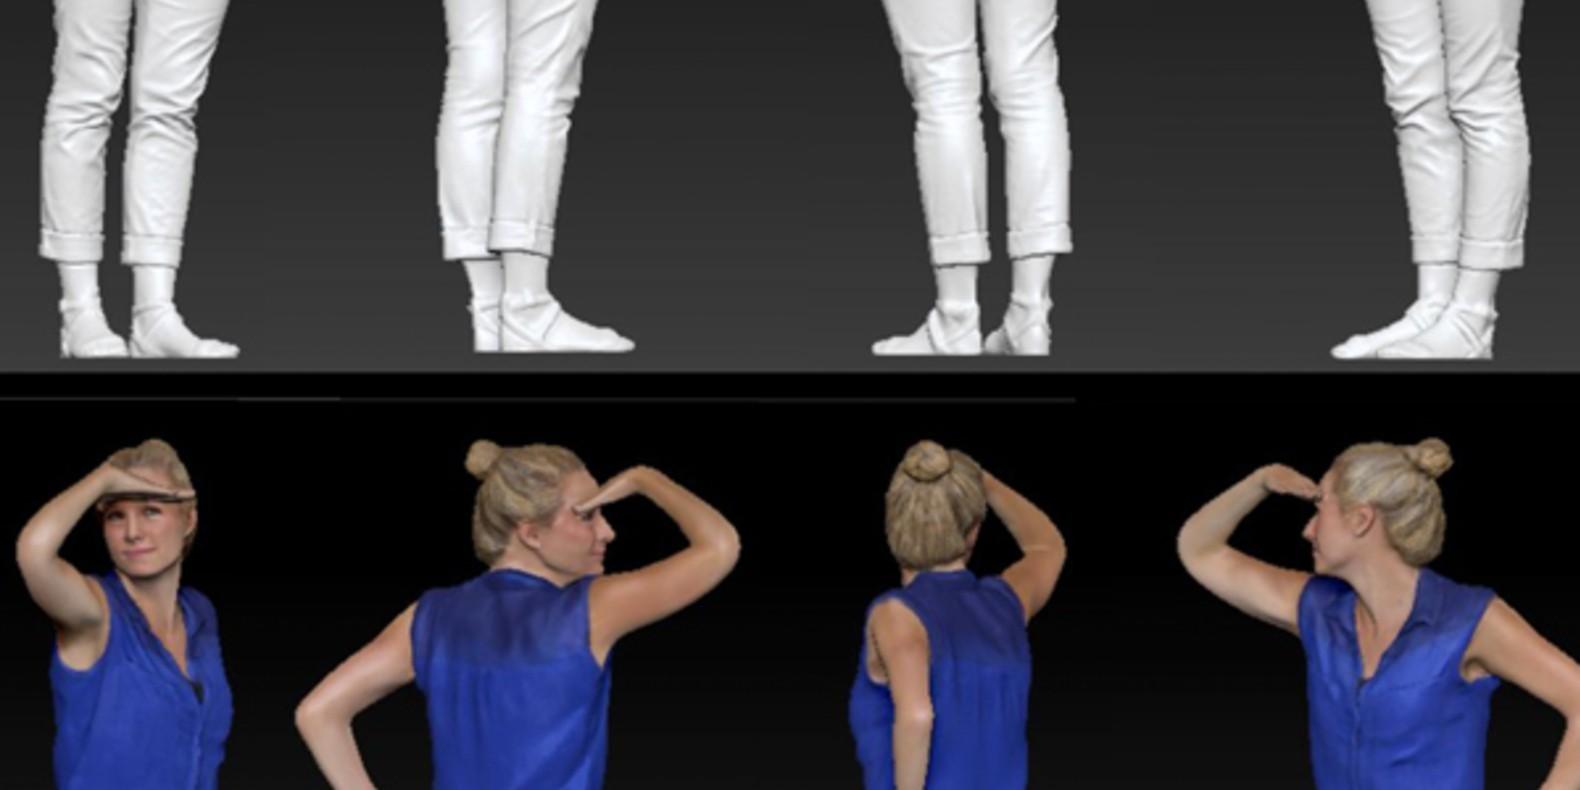 CULTS15 MOÏMEE le service de modélisation de la personne en 3D